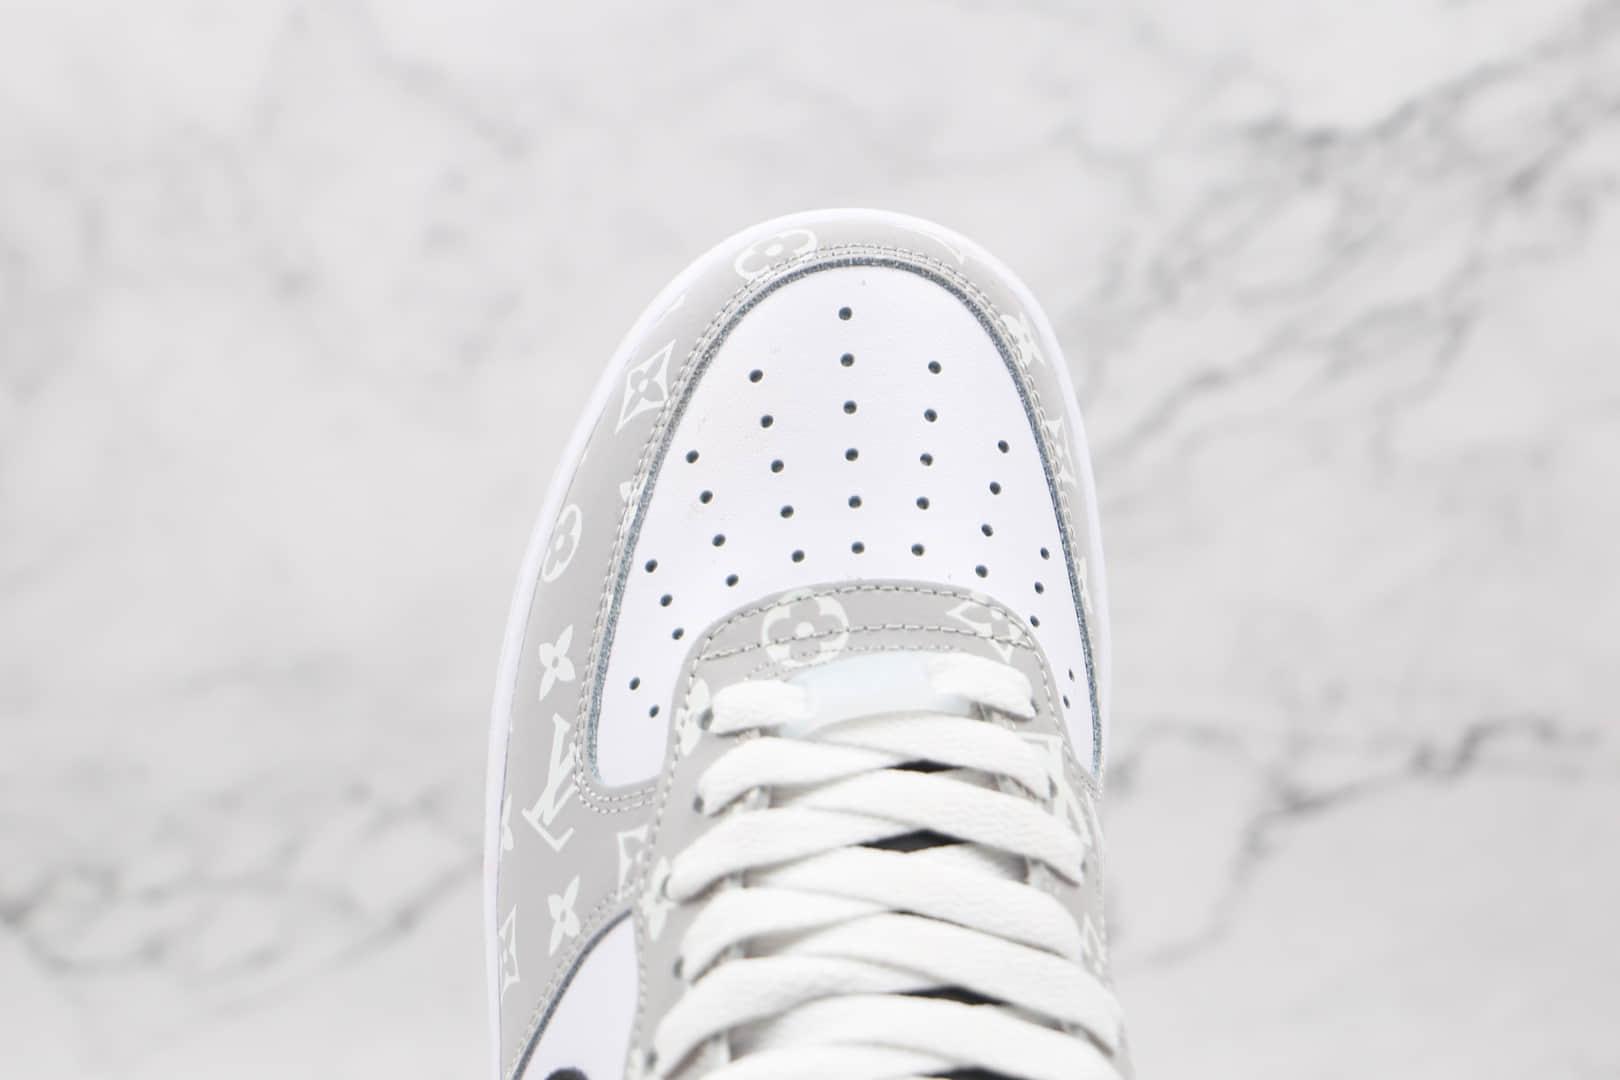 耐克Nike Air Force 1 Low '07纯原版本低帮空军一号灰白色LV联名款板鞋原楦头纸板打造 货号:BQ8988-108